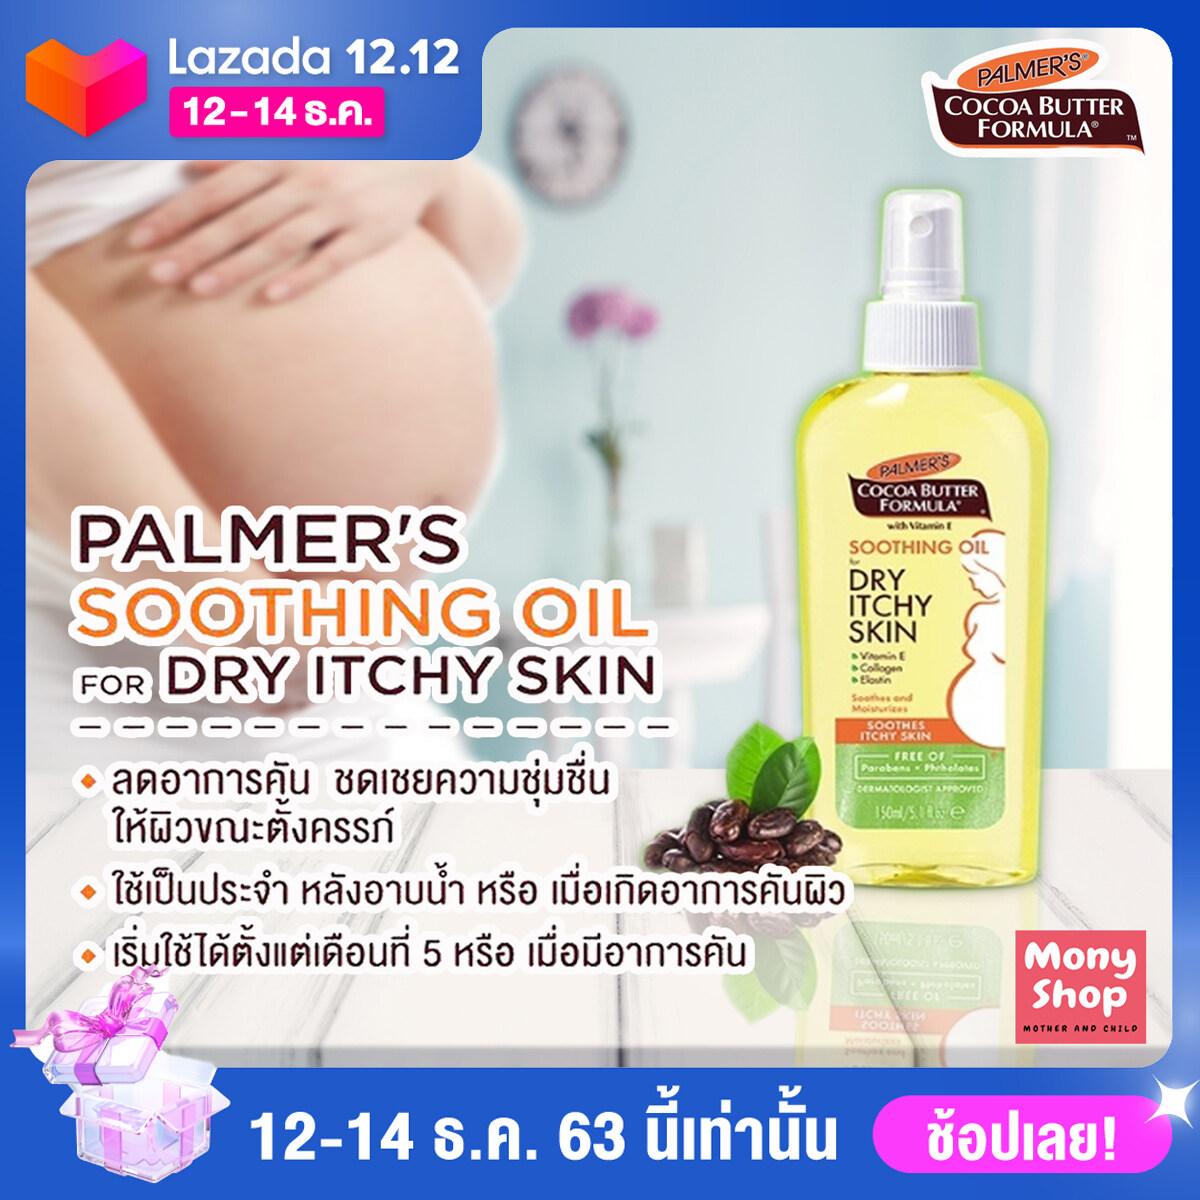 รีวิว Palmer 's Soothing oil for dry itchy skin 150ml ปาล์มเมอร์ สเปรย์ออย ใช้ฉีดพ่นเพื่อลดอาการคัน เพิ่มความชุ่มชื้น สำหรับครรภ์เดือนที่ 6-7 ปลอดภัยทั้งแม่และลูก